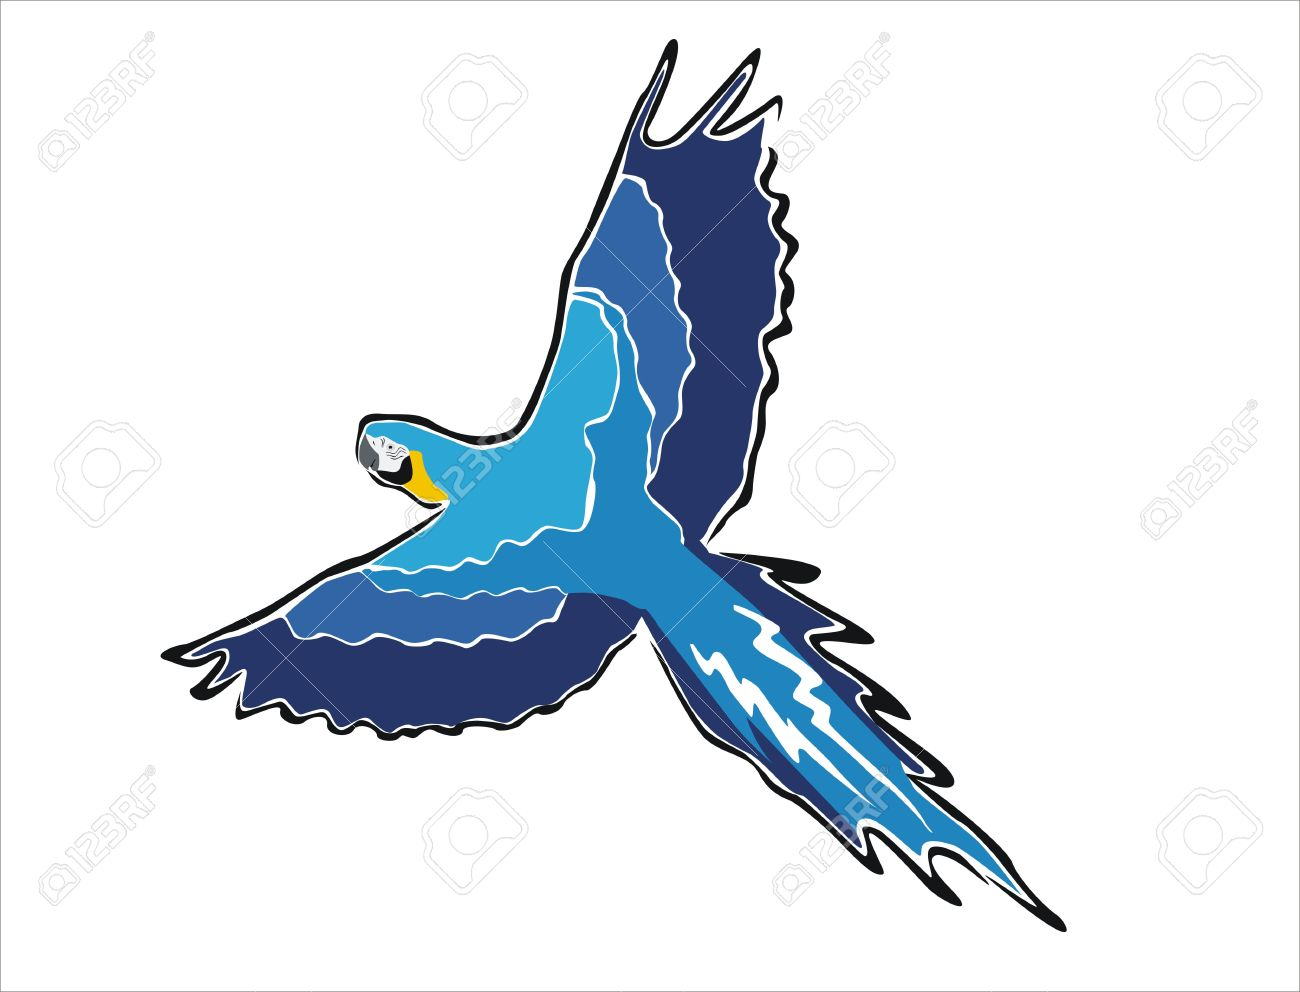 Desenho De Uma Arara Azul Do Vôo Royalty Free Cliparts, Vetores, E.